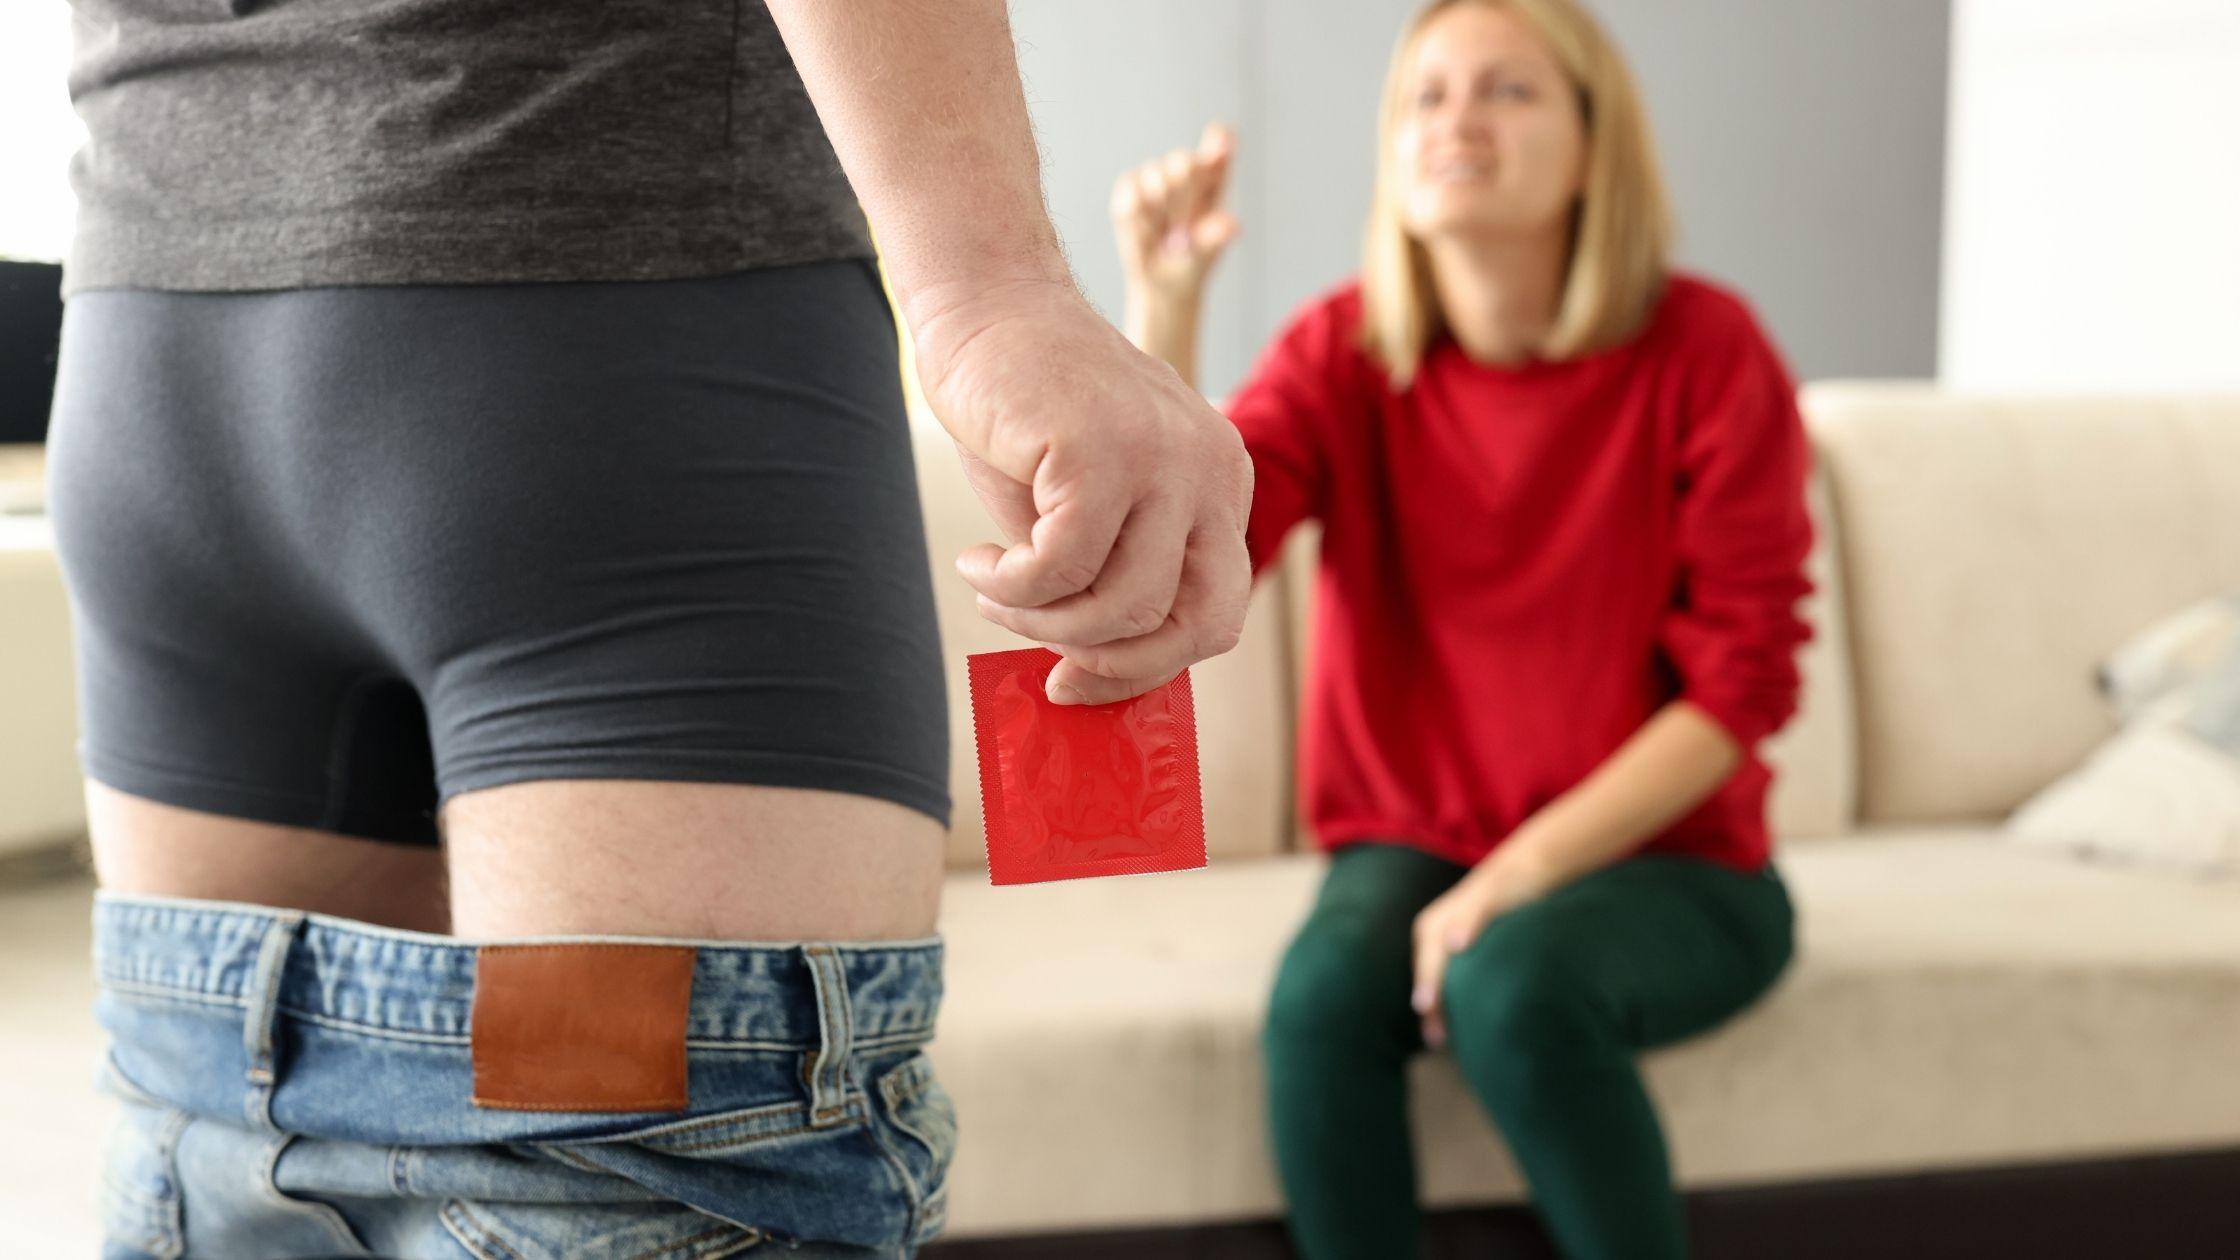 skrócenie penisa mniejszy